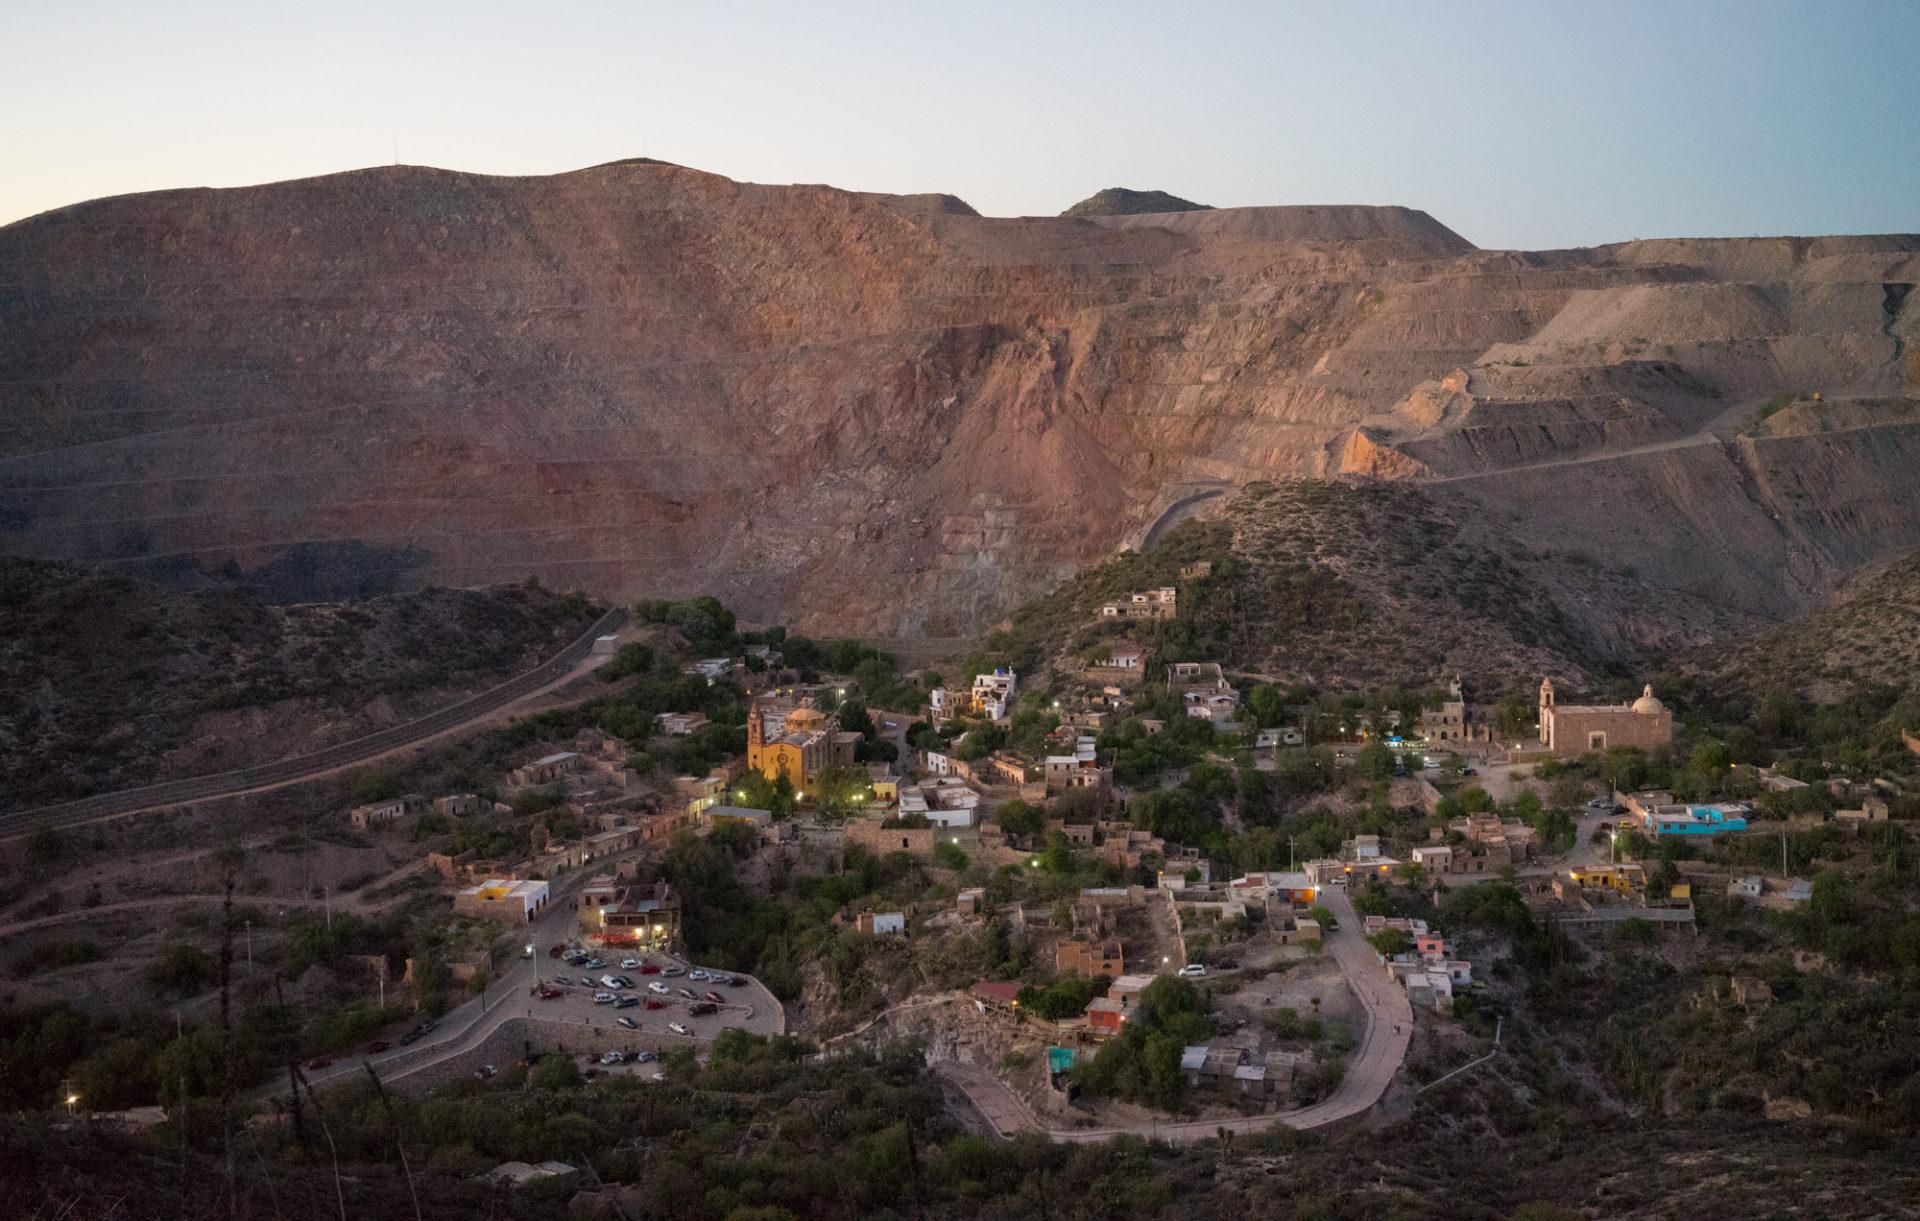 Minera San Xavier and Cerro de San Pedro